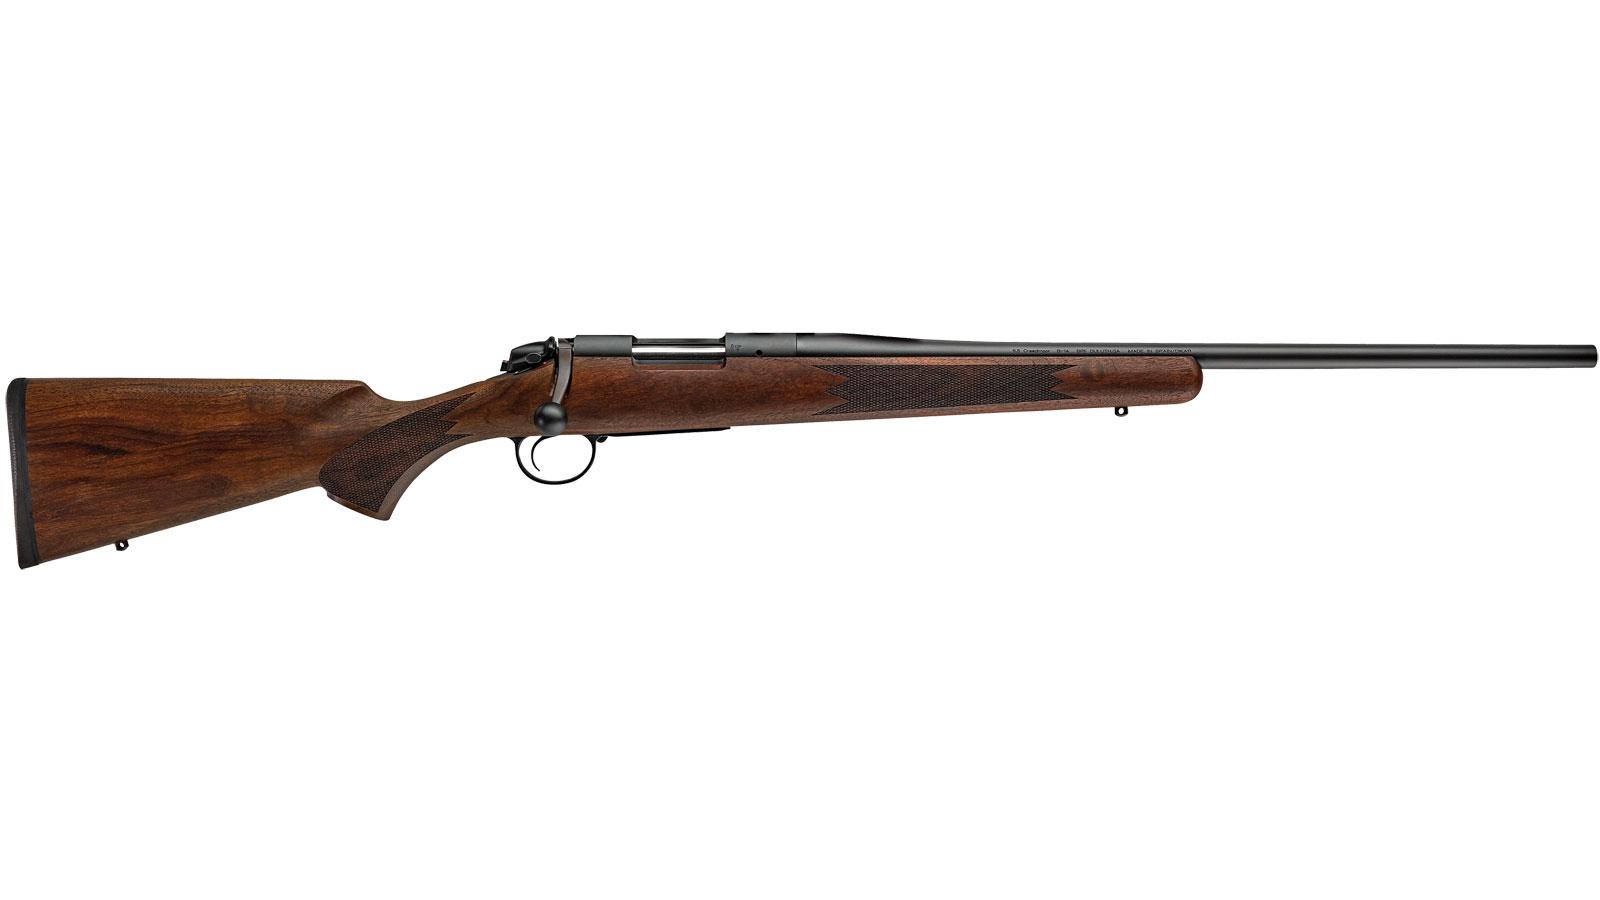 Bergara Rifles B14S203 B-14 Woodsman Bolt 243 Winchester 22 4+1 Walnut Stock Blued in.